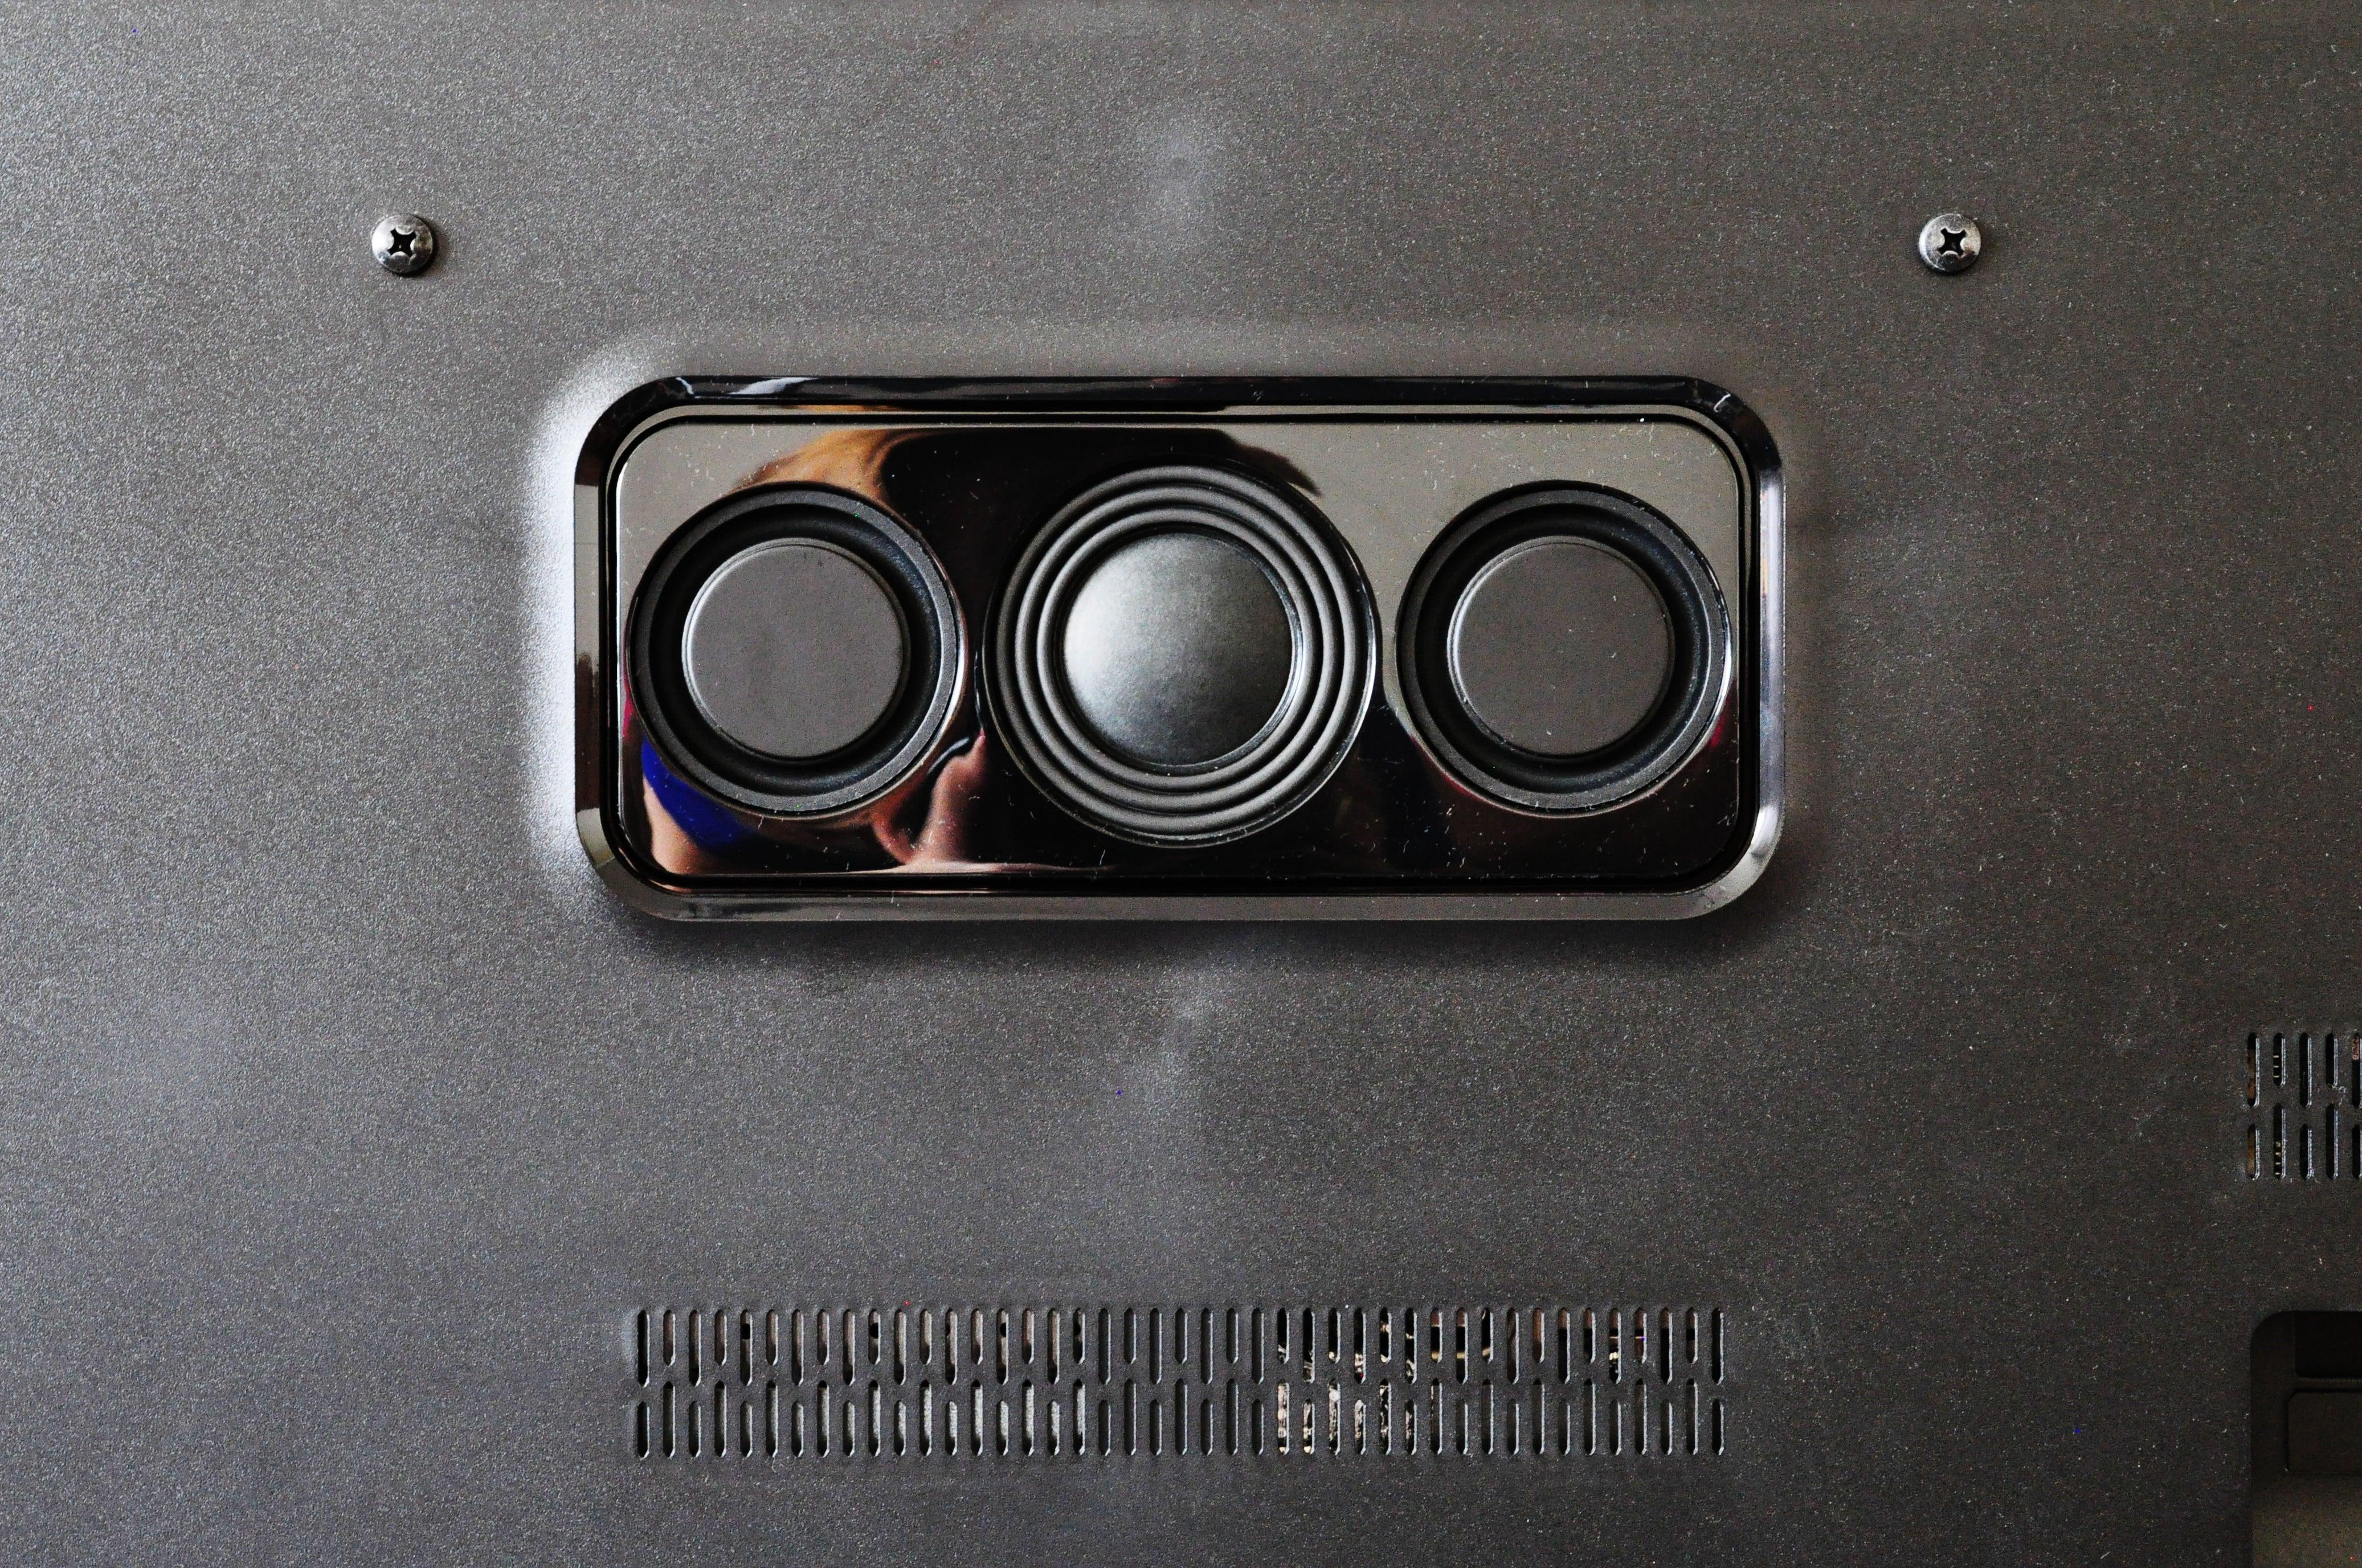 Recenzja Philips OLED 803/12 - Ambient obrazu i dźwięku 28